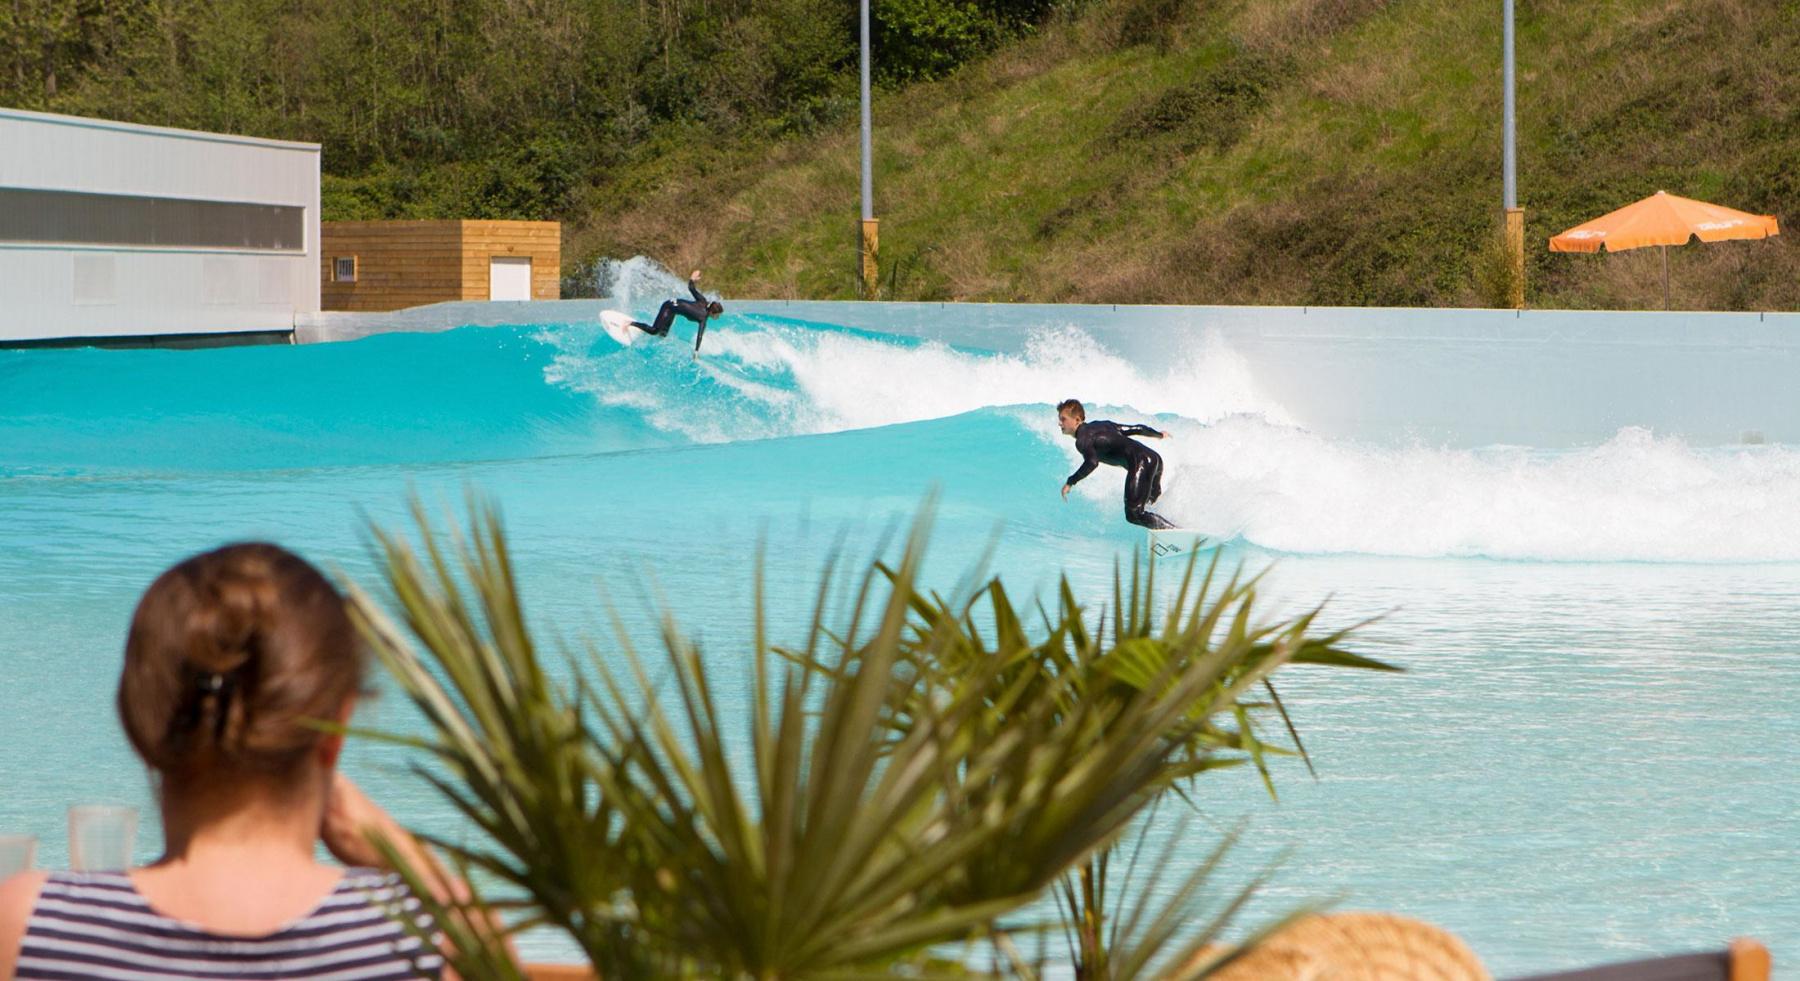 Surf : La Future Piscine À Vagues De Sevran En Seine-Saint ... dedans Piscine De Sevran